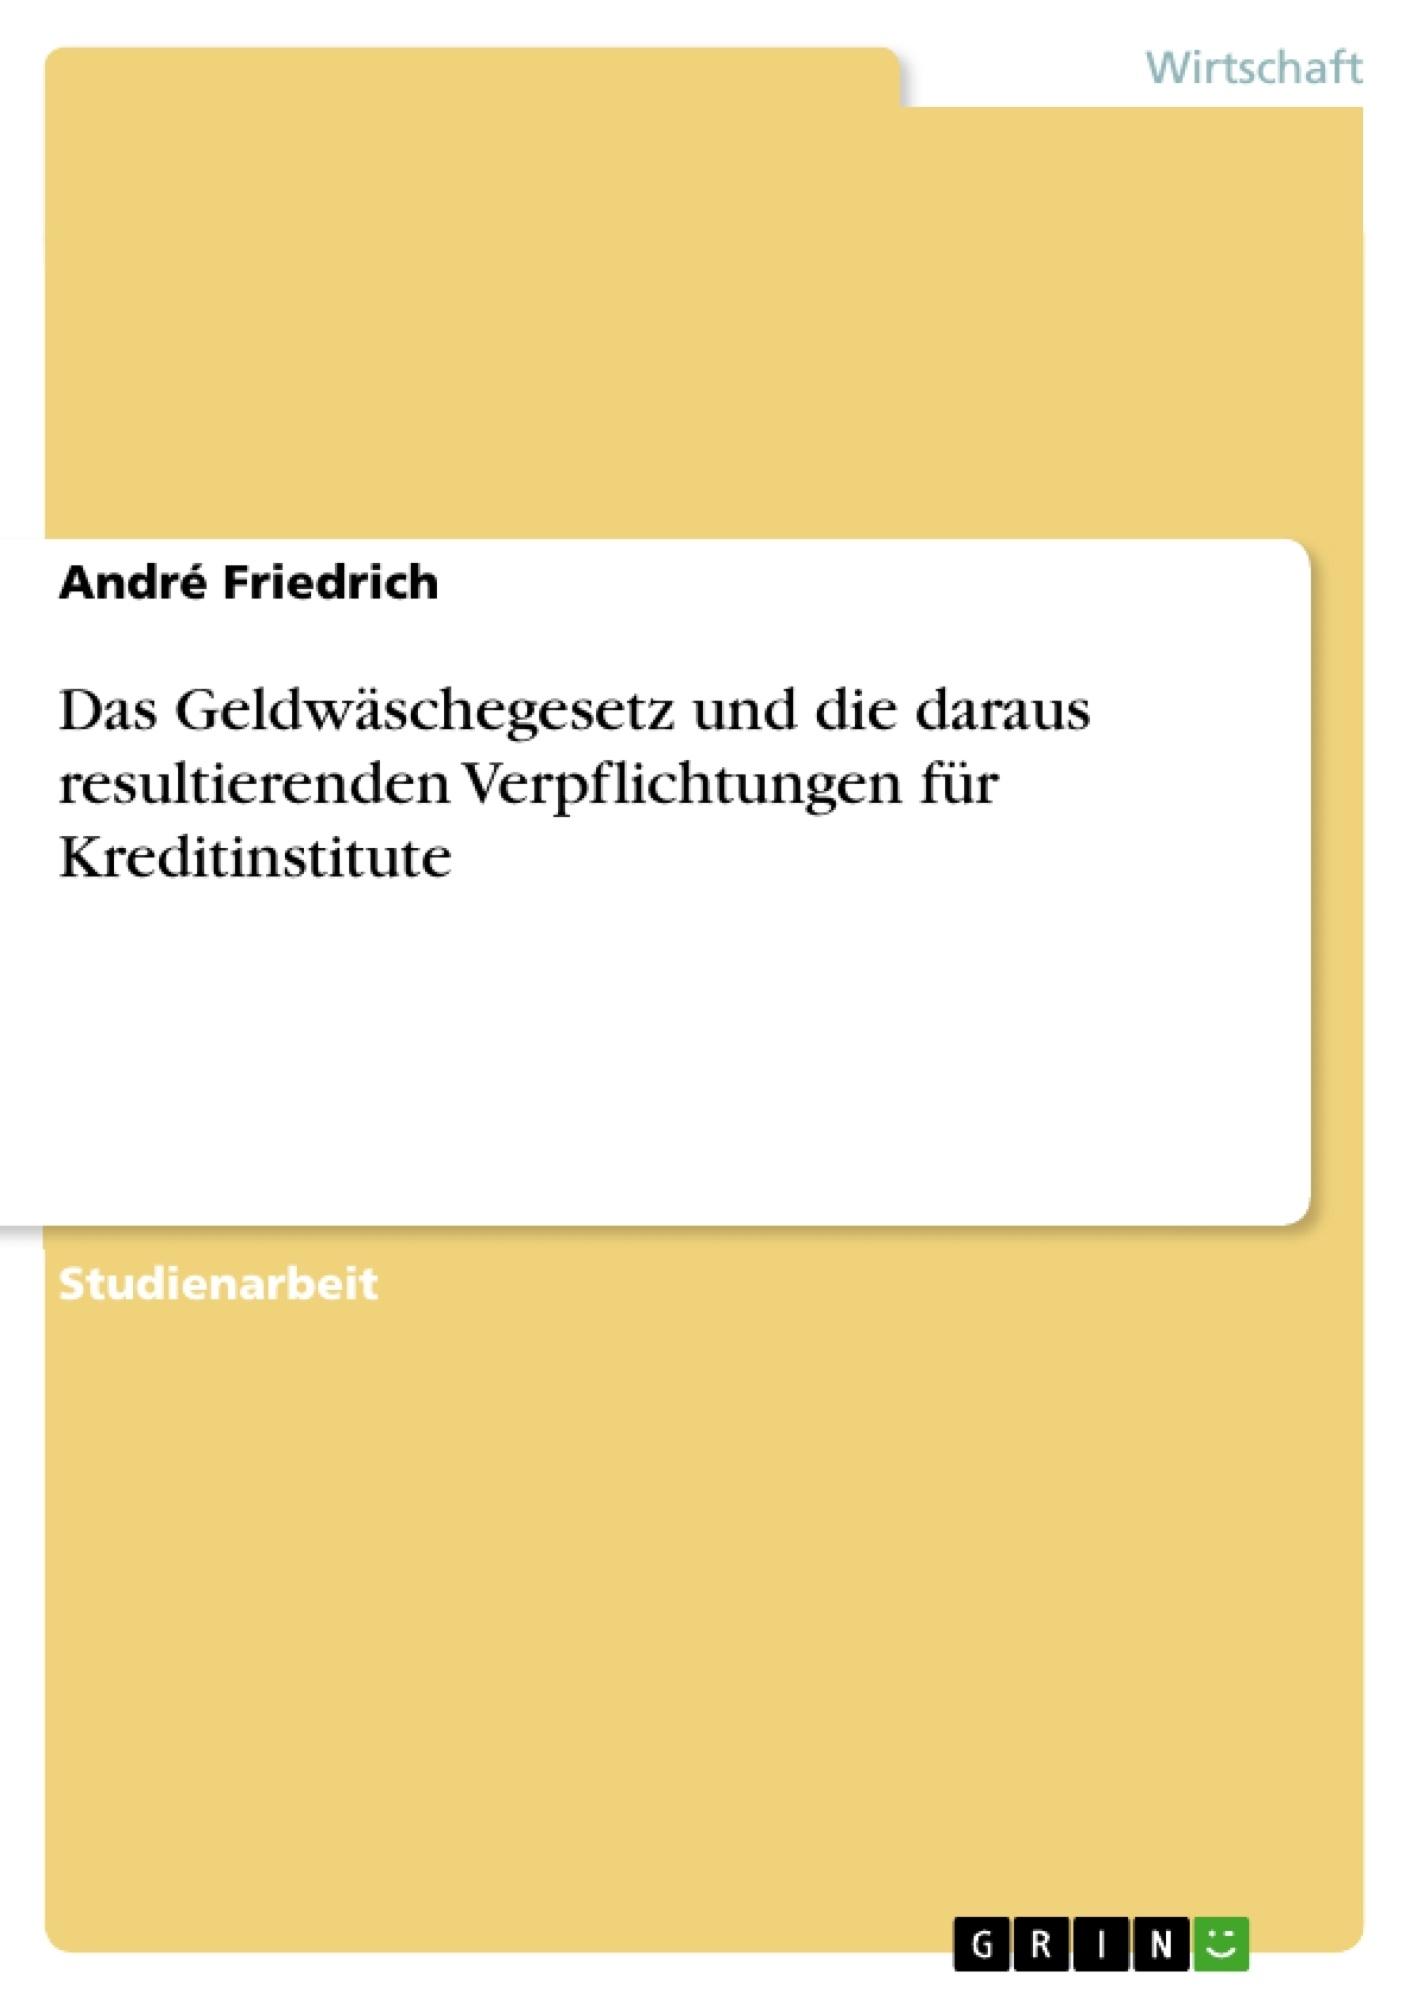 Titel: Das Geldwäschegesetz und die daraus resultierenden Verpflichtungen für Kreditinstitute